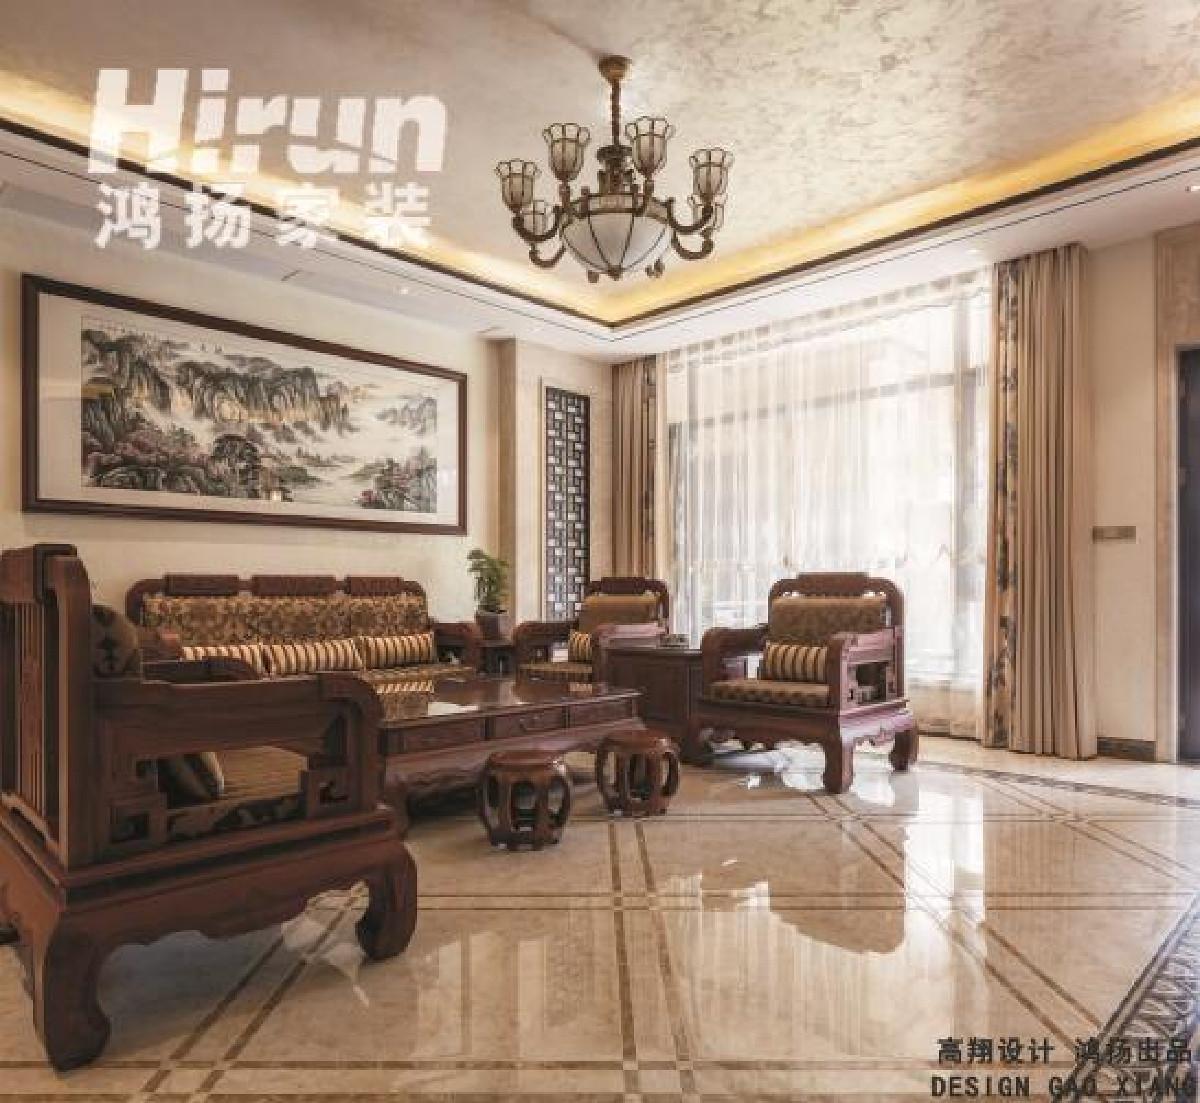 文士雅风的原木沙发材料-天然紫檀,素雅色调的麻质布艺窗帘。